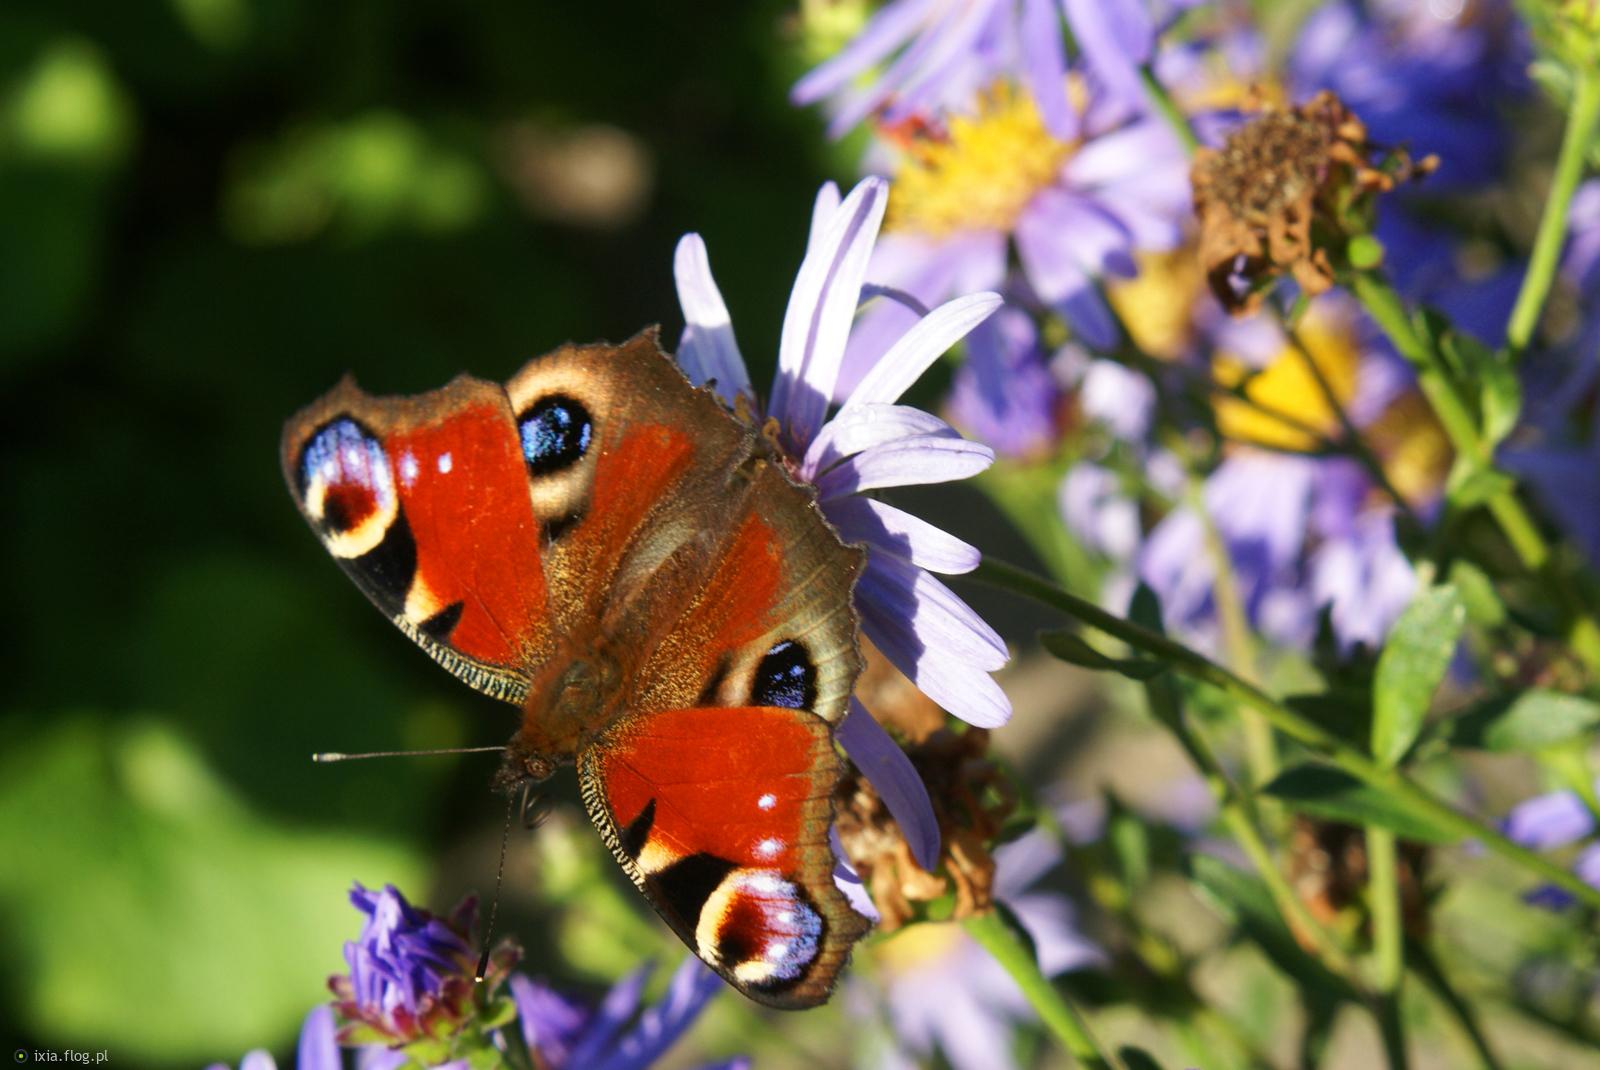 Wrześniowy motylek dla Ciebie w podziękowaniu za pająka :)